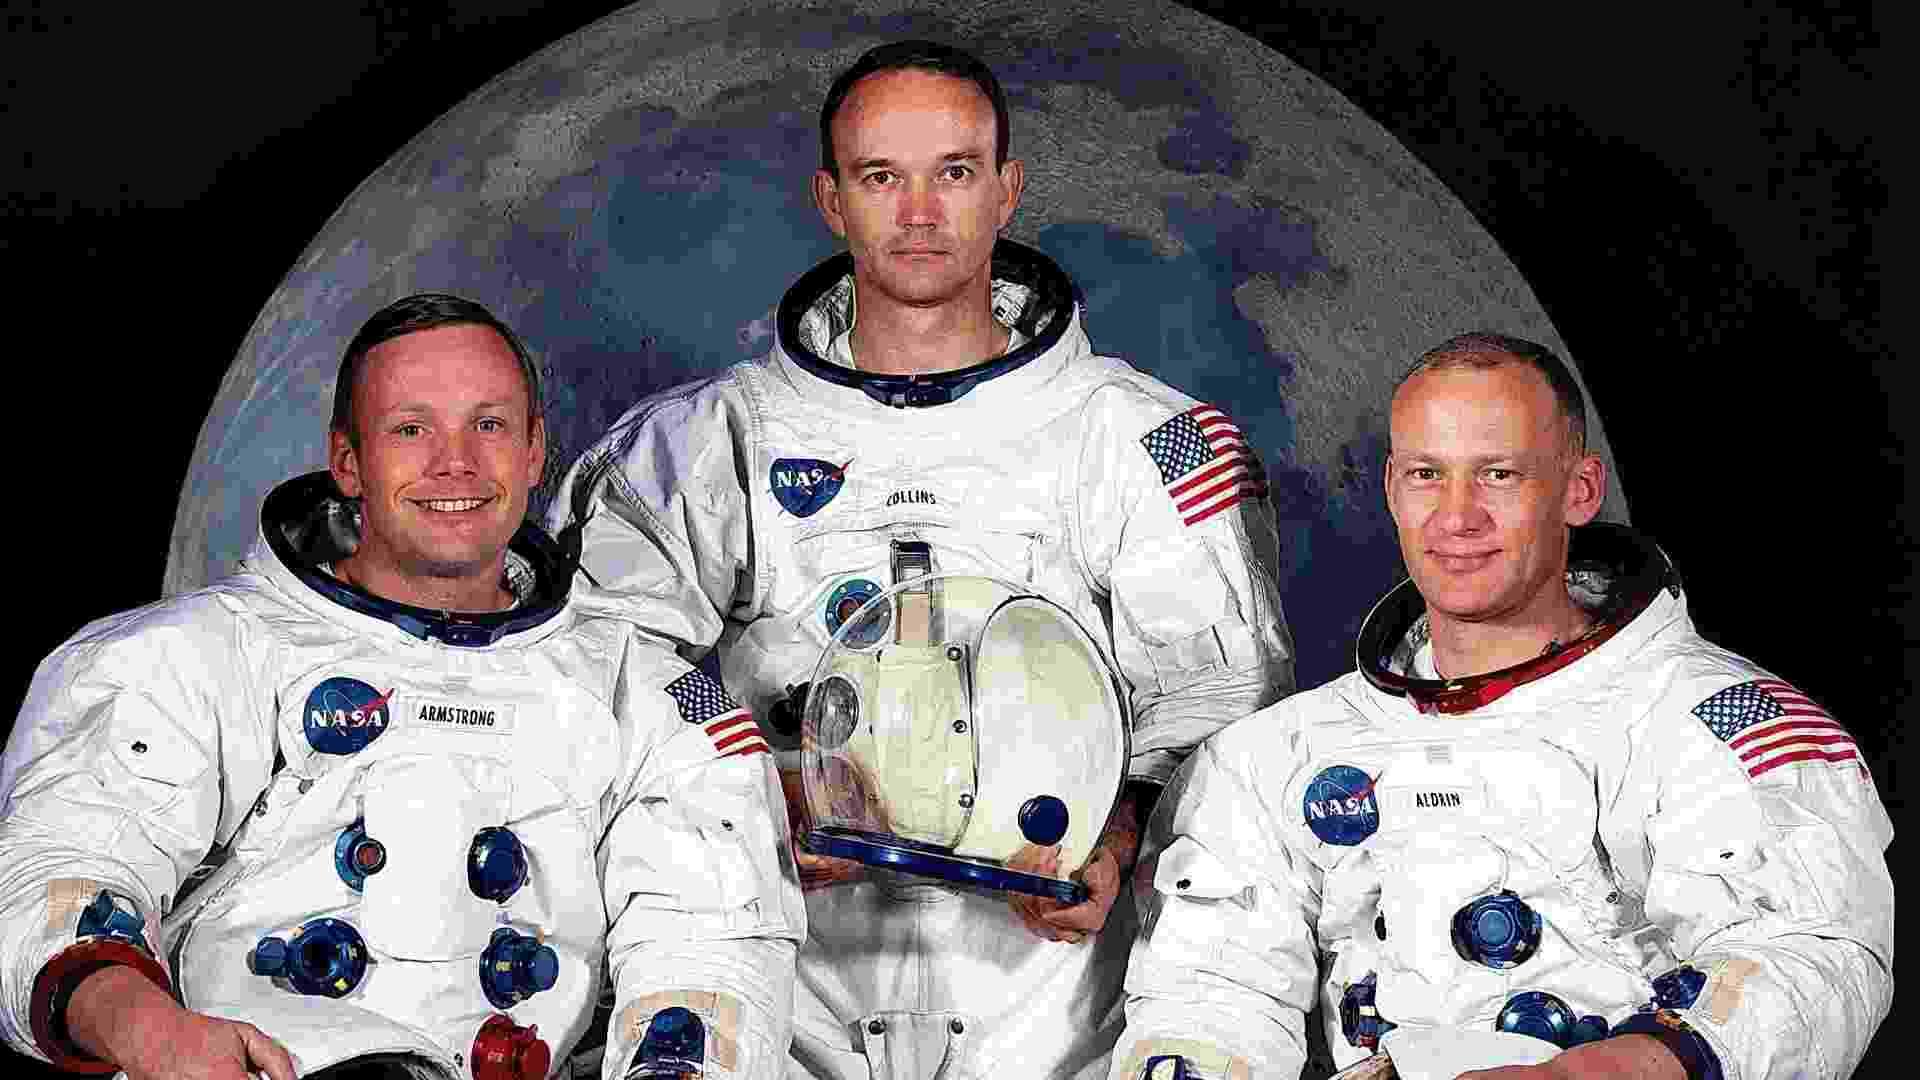 Foto de arquivo da Nasa, tirada em maio de 1969, dos tripulantes da missão Apollo 11. Nela estão: Neil A. Armstrong (e), Michael Colilns © e Edwin Aldrin Jr - EFE/Nasa